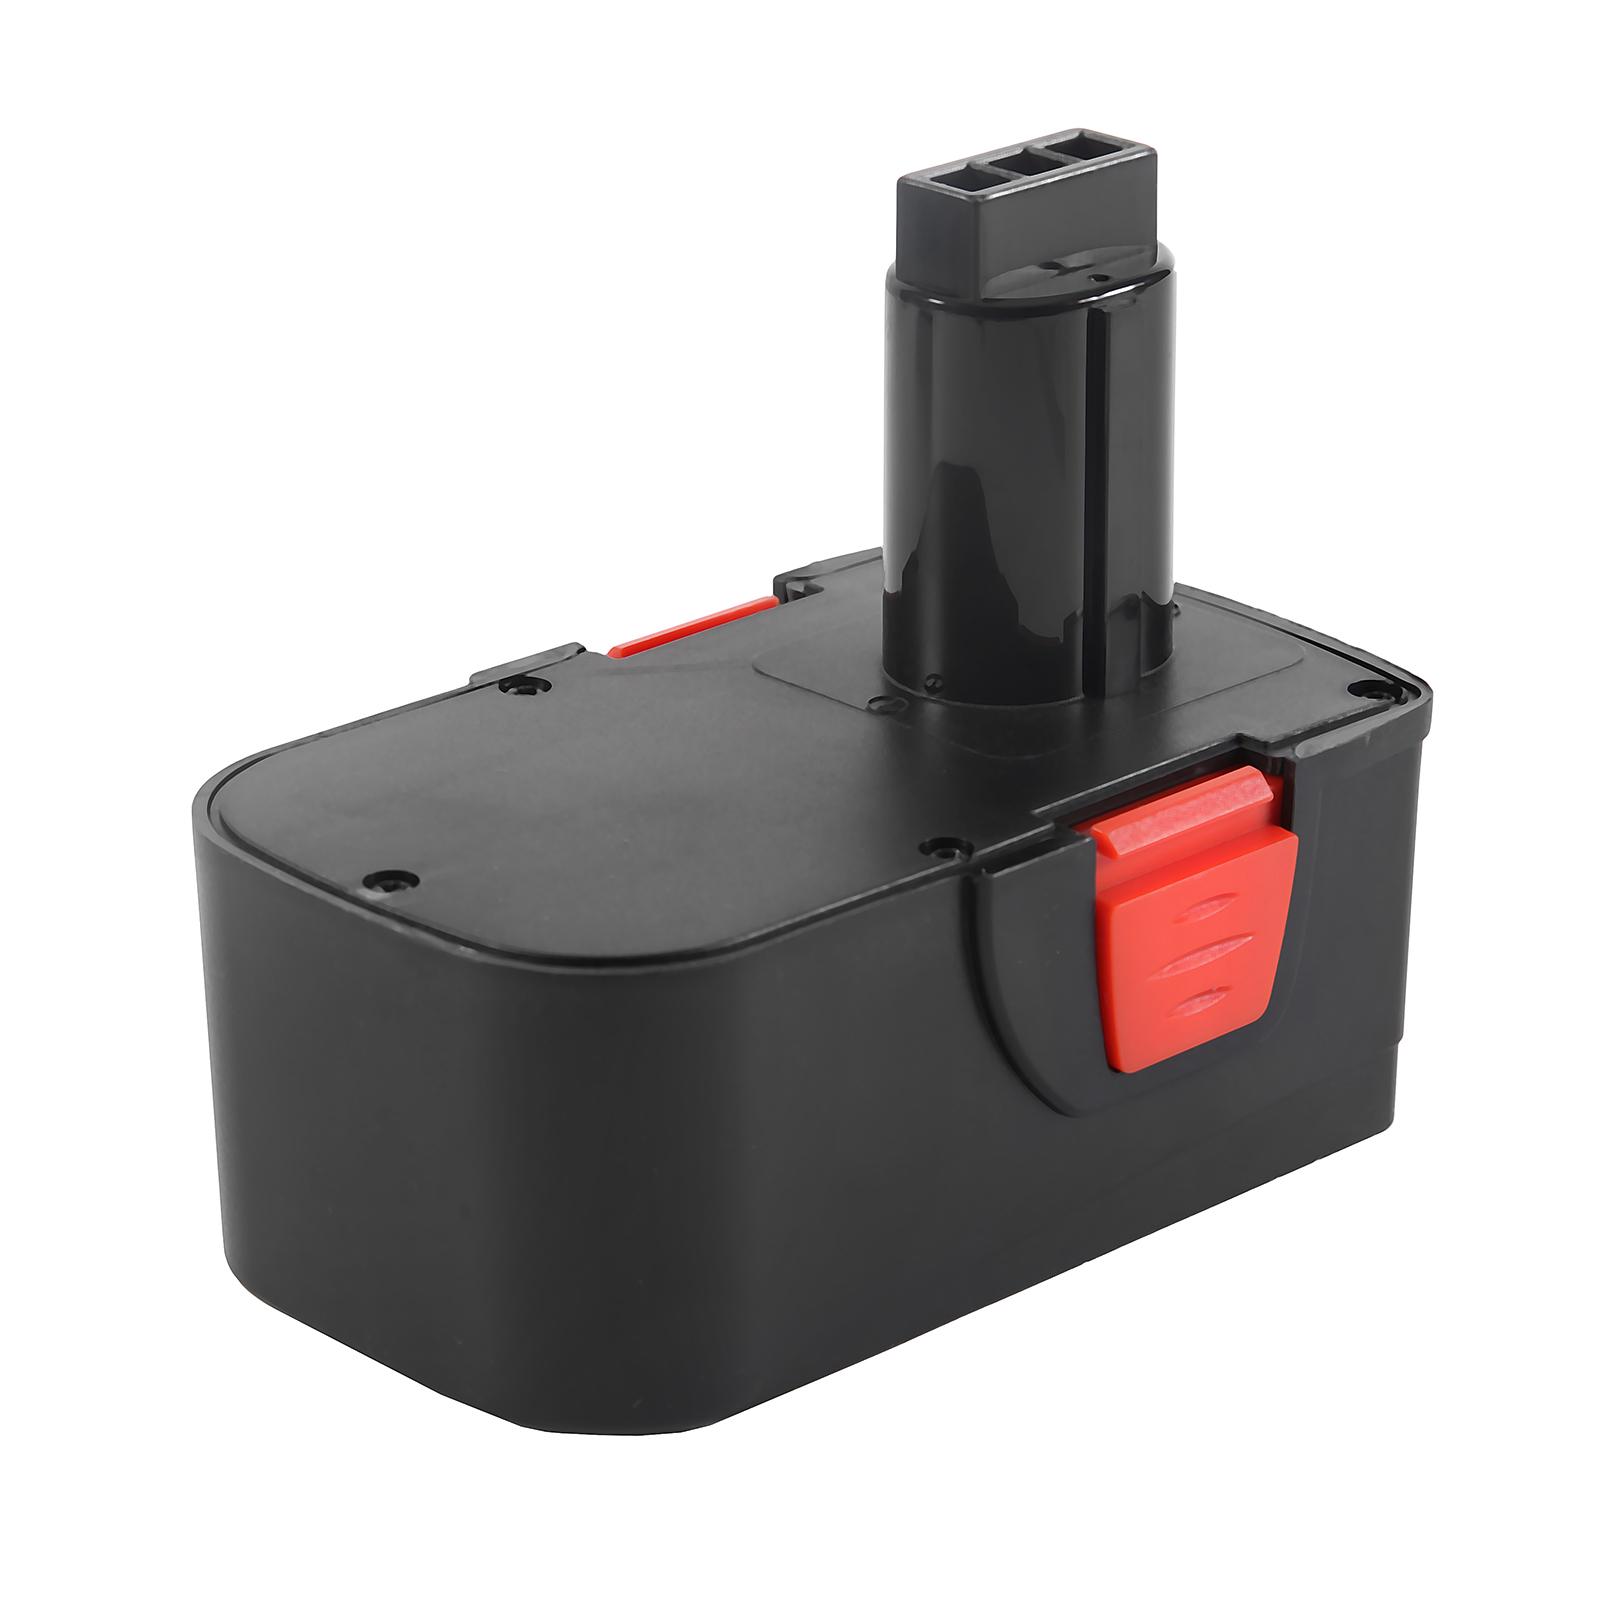 Аккумулятор Hammer Aki1815 18В 1,5Ач аккумулятор интерскол 18в 1 5ач nicd для да 18эр 45 02 03 00 00